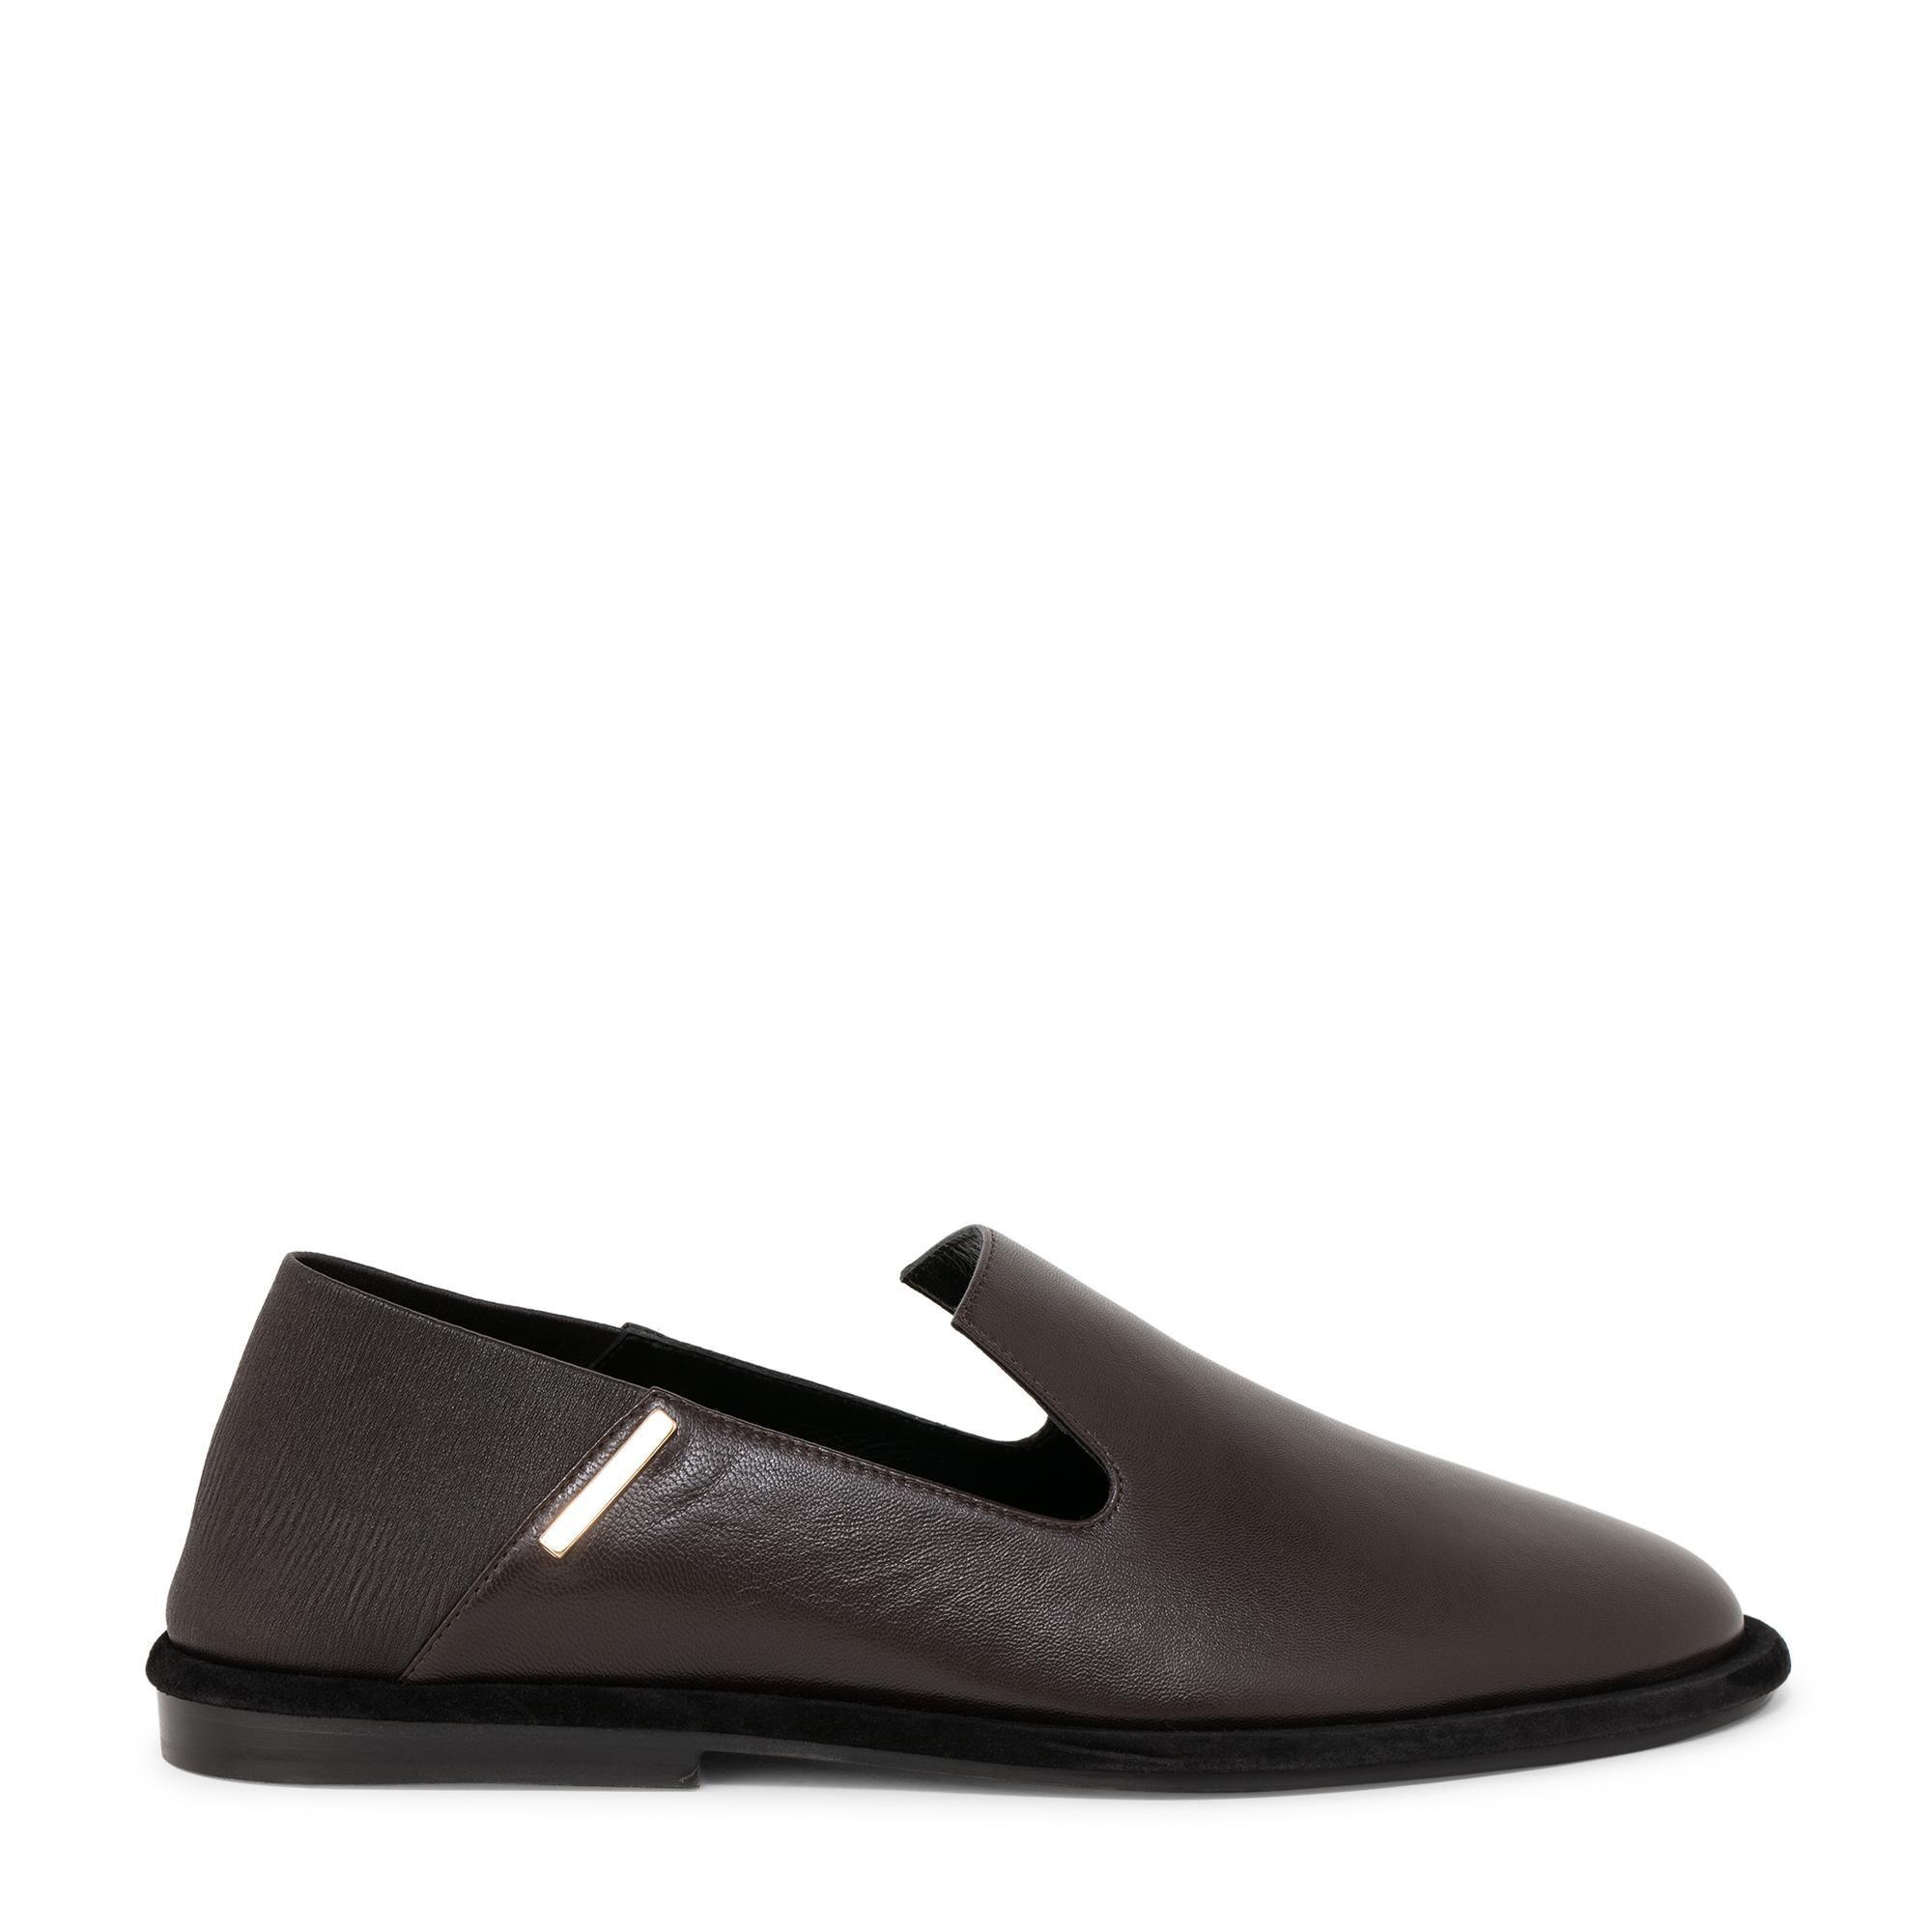 Huaraz slippers